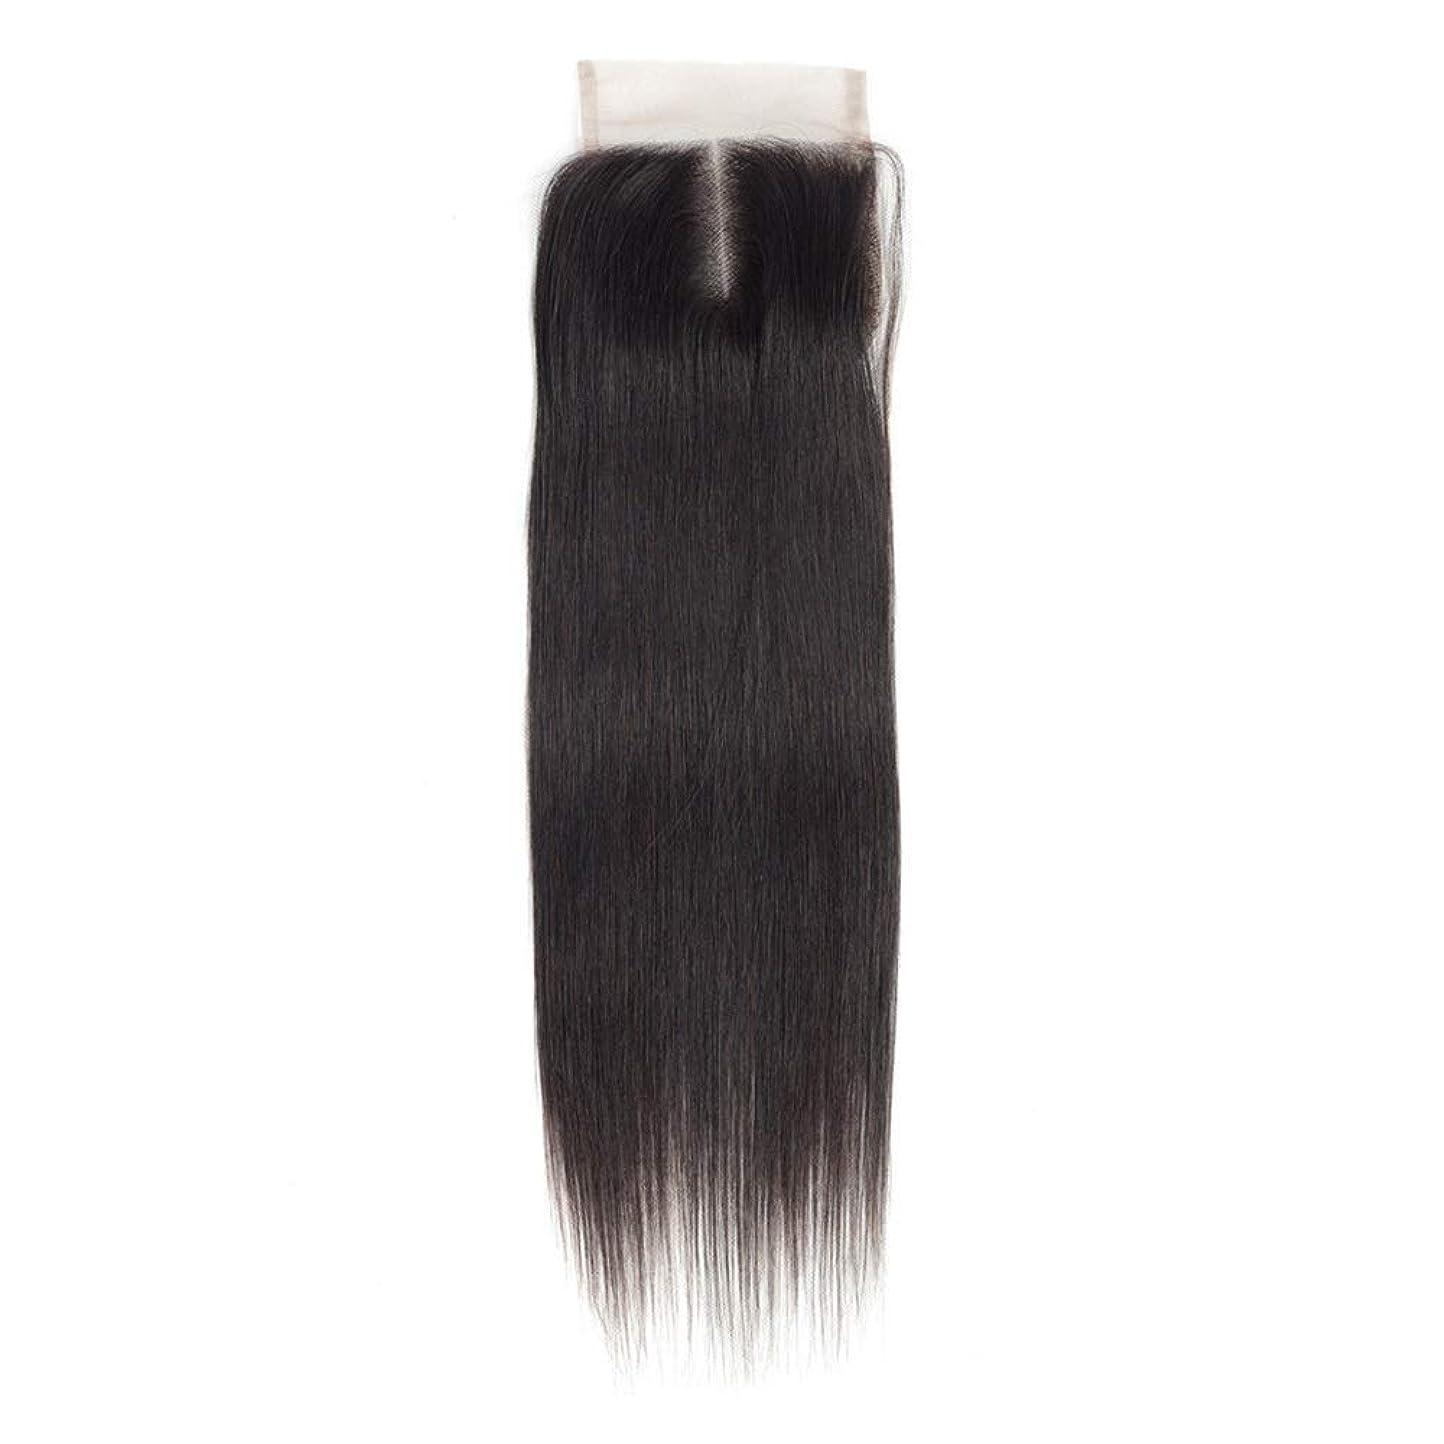 デザイナーファンブル抑止するIsikawan 中部ナチュラルカラーストレート横糸ヘアエクステンション女性のRemy人間の髪の毛4×4レース前頭閉鎖 (色 : ブラック, サイズ : 20 inch)